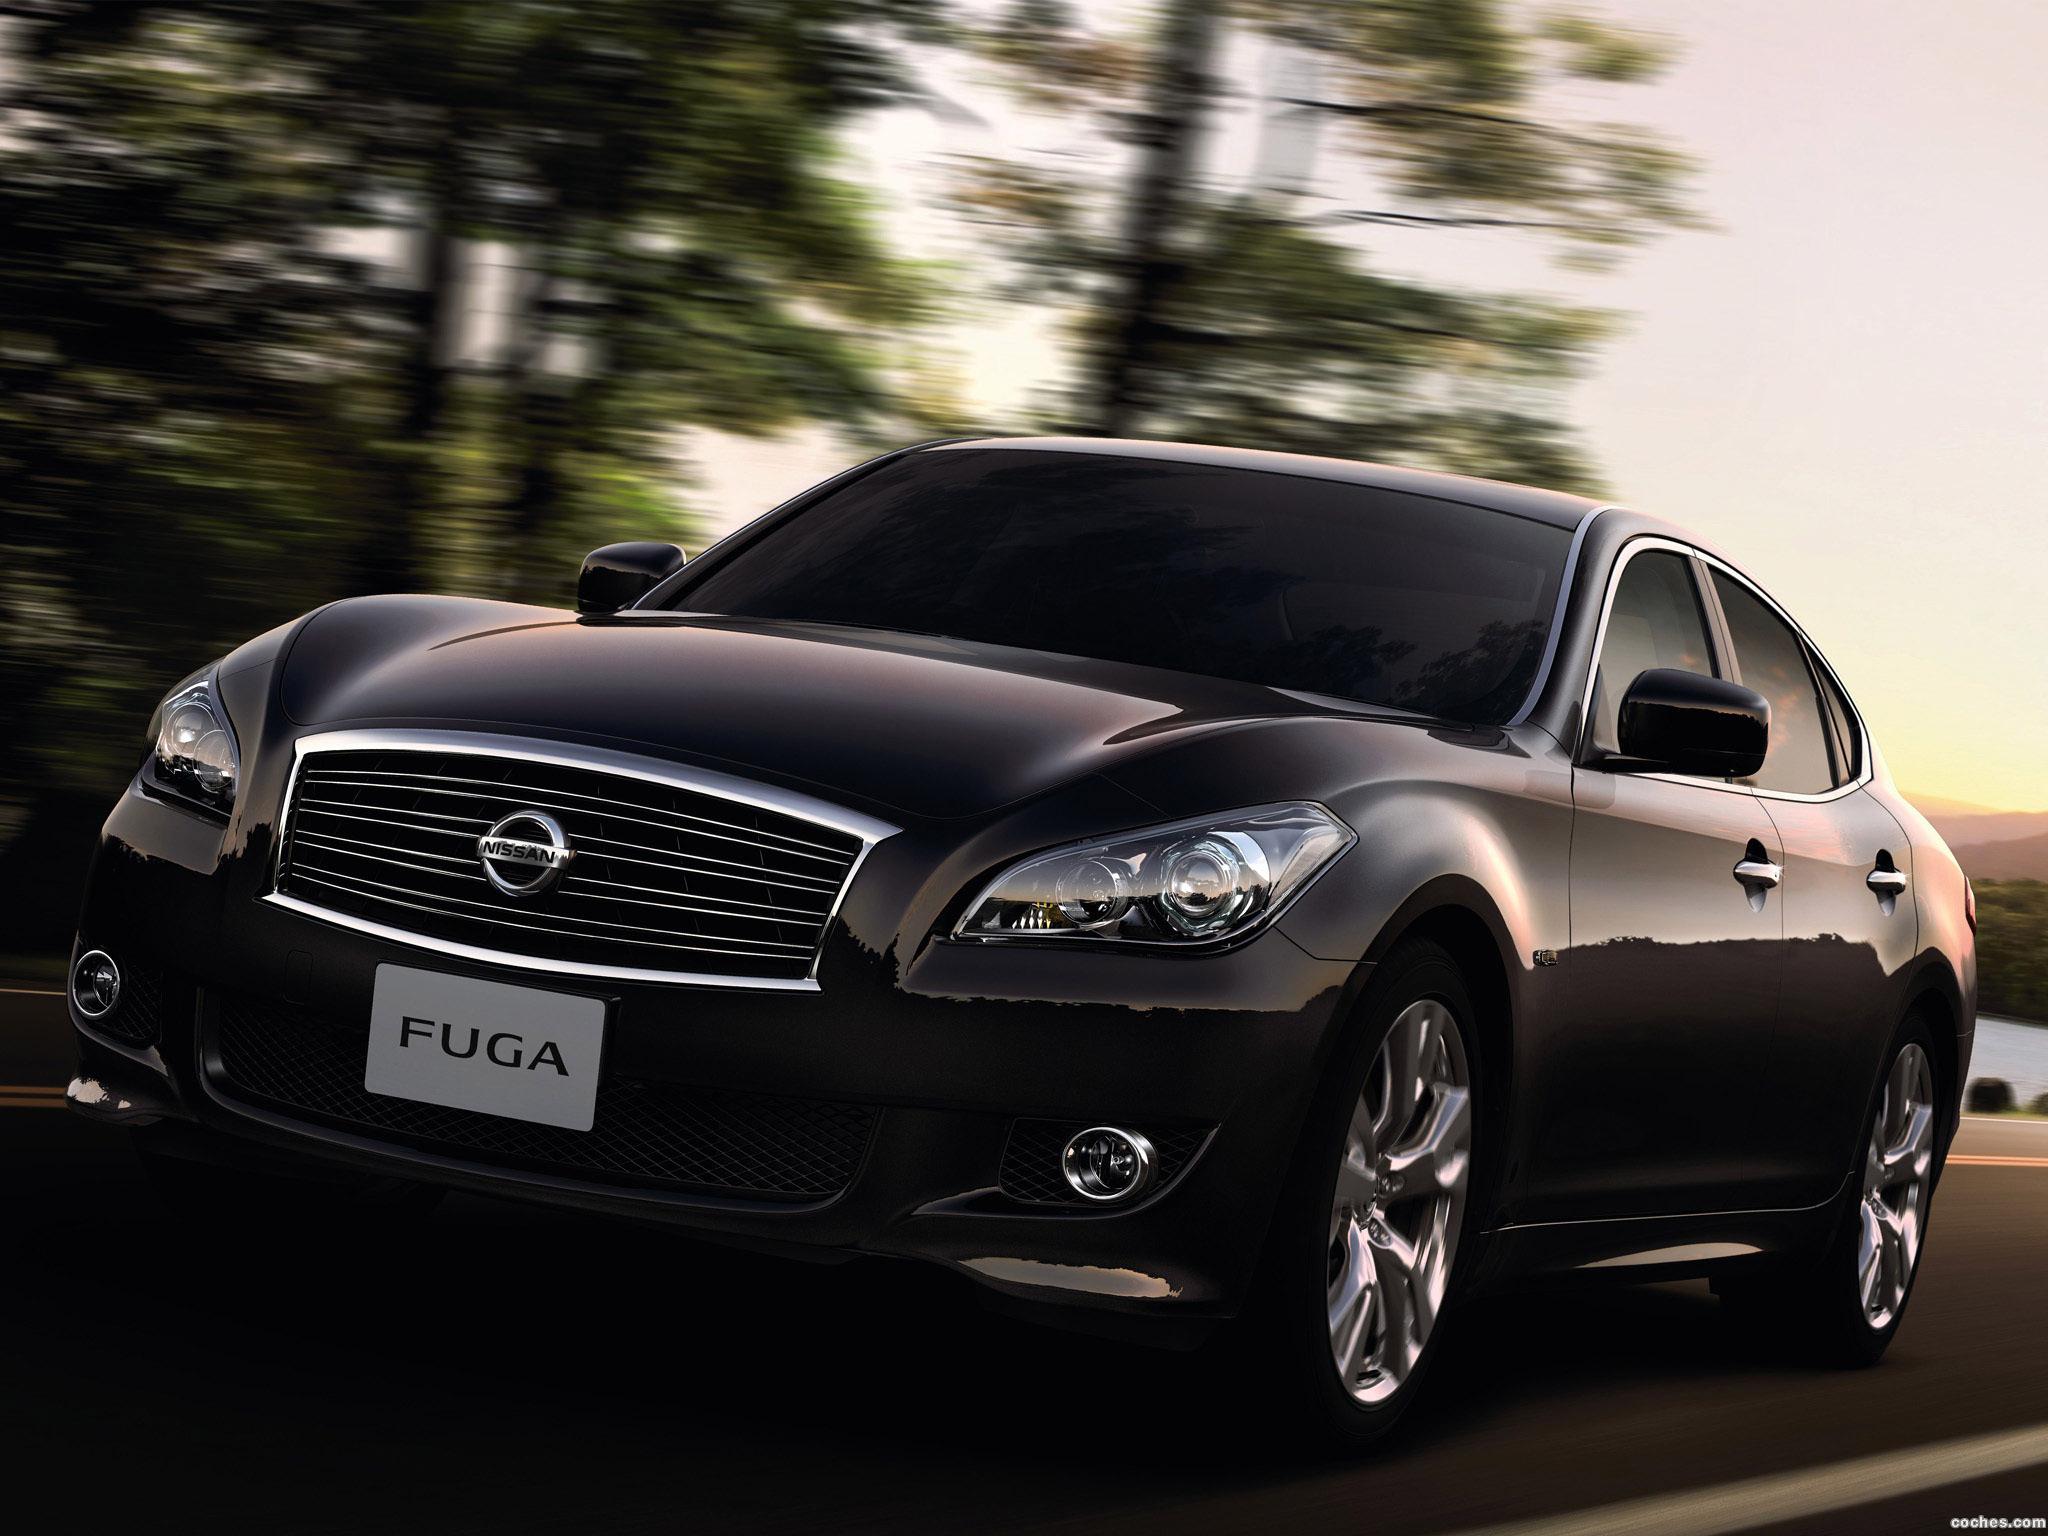 Foto 0 de Nissan Fuga 2010